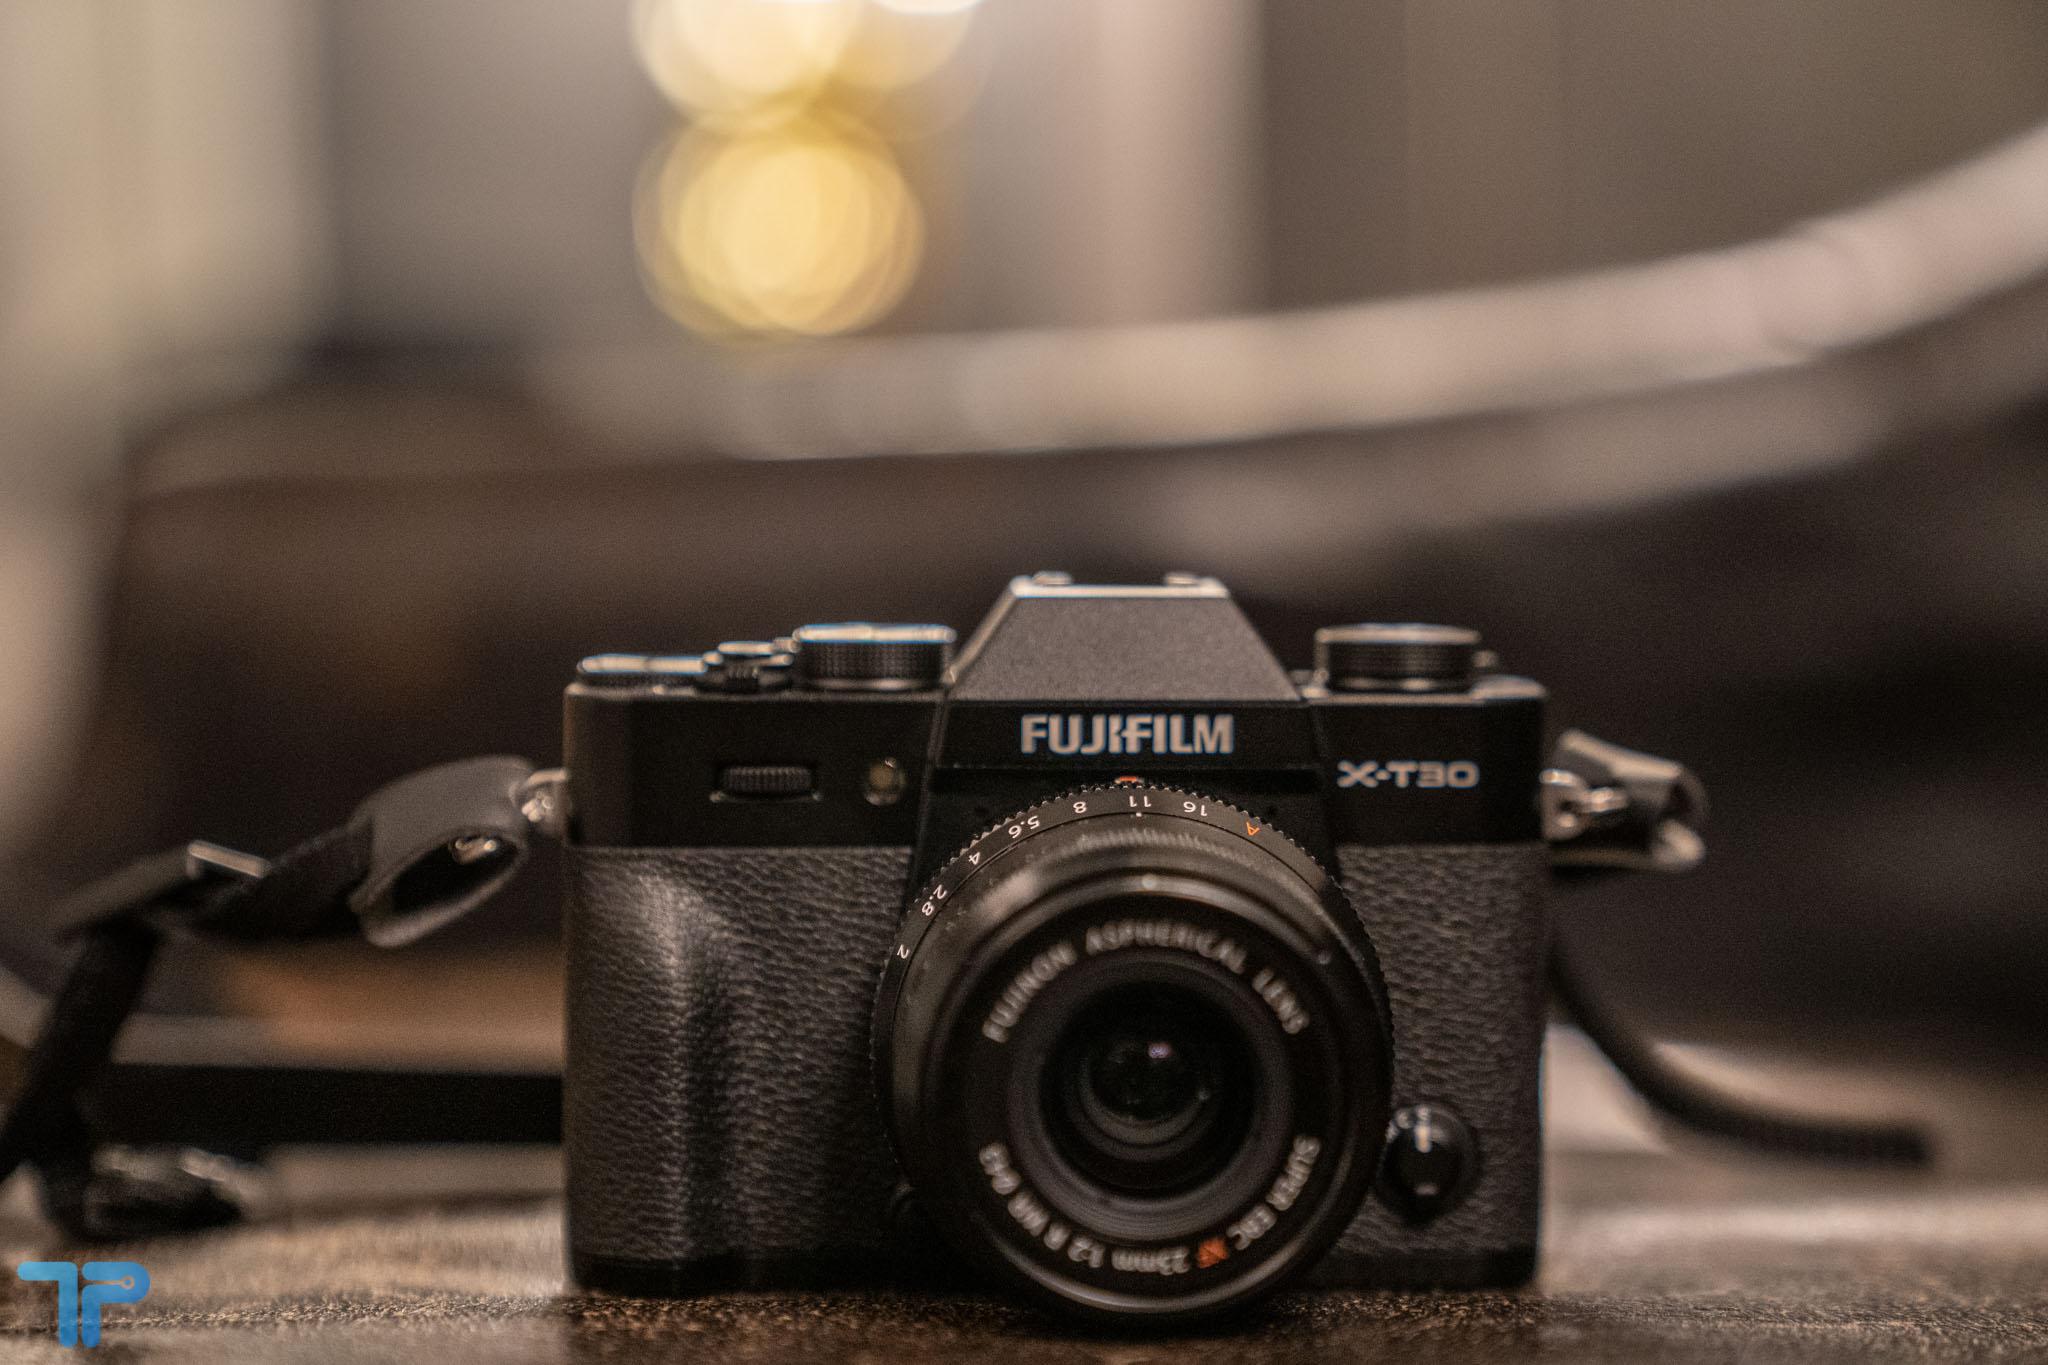 Fujifilm X-T30 ufficiale: ecco le caratteristiche thumbnail